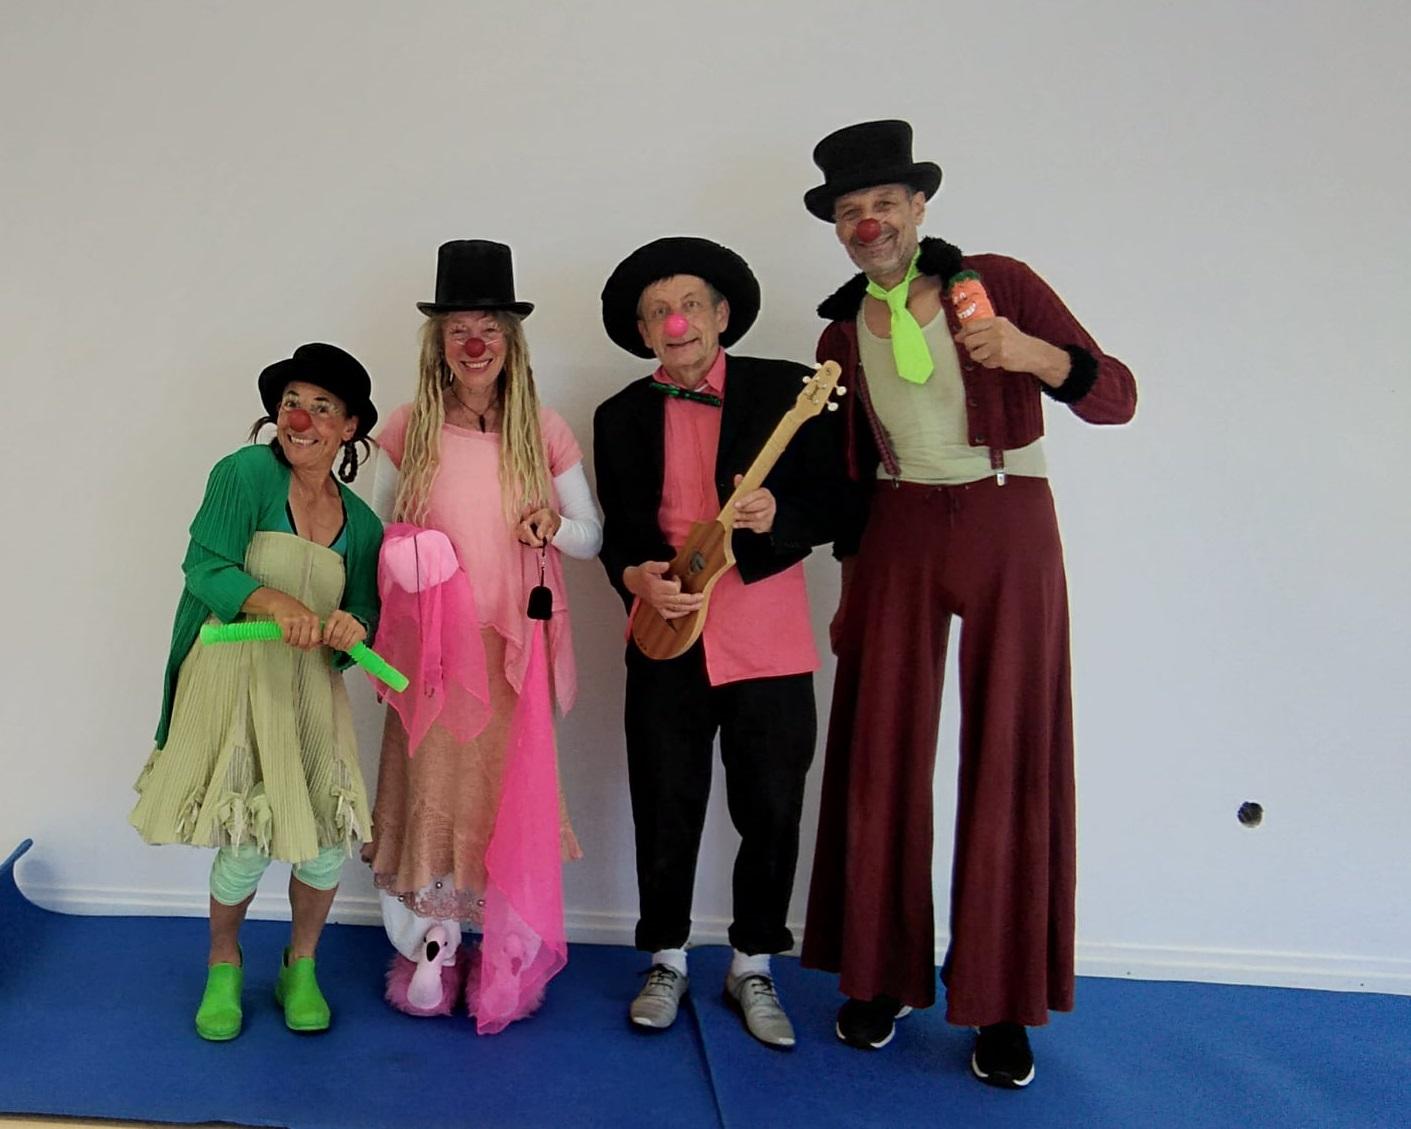 https://clownsohnegrenzen.org/wp-content/uploads/2021/09/2021-Deutschland-Koeln-20210913-01-1.jpg